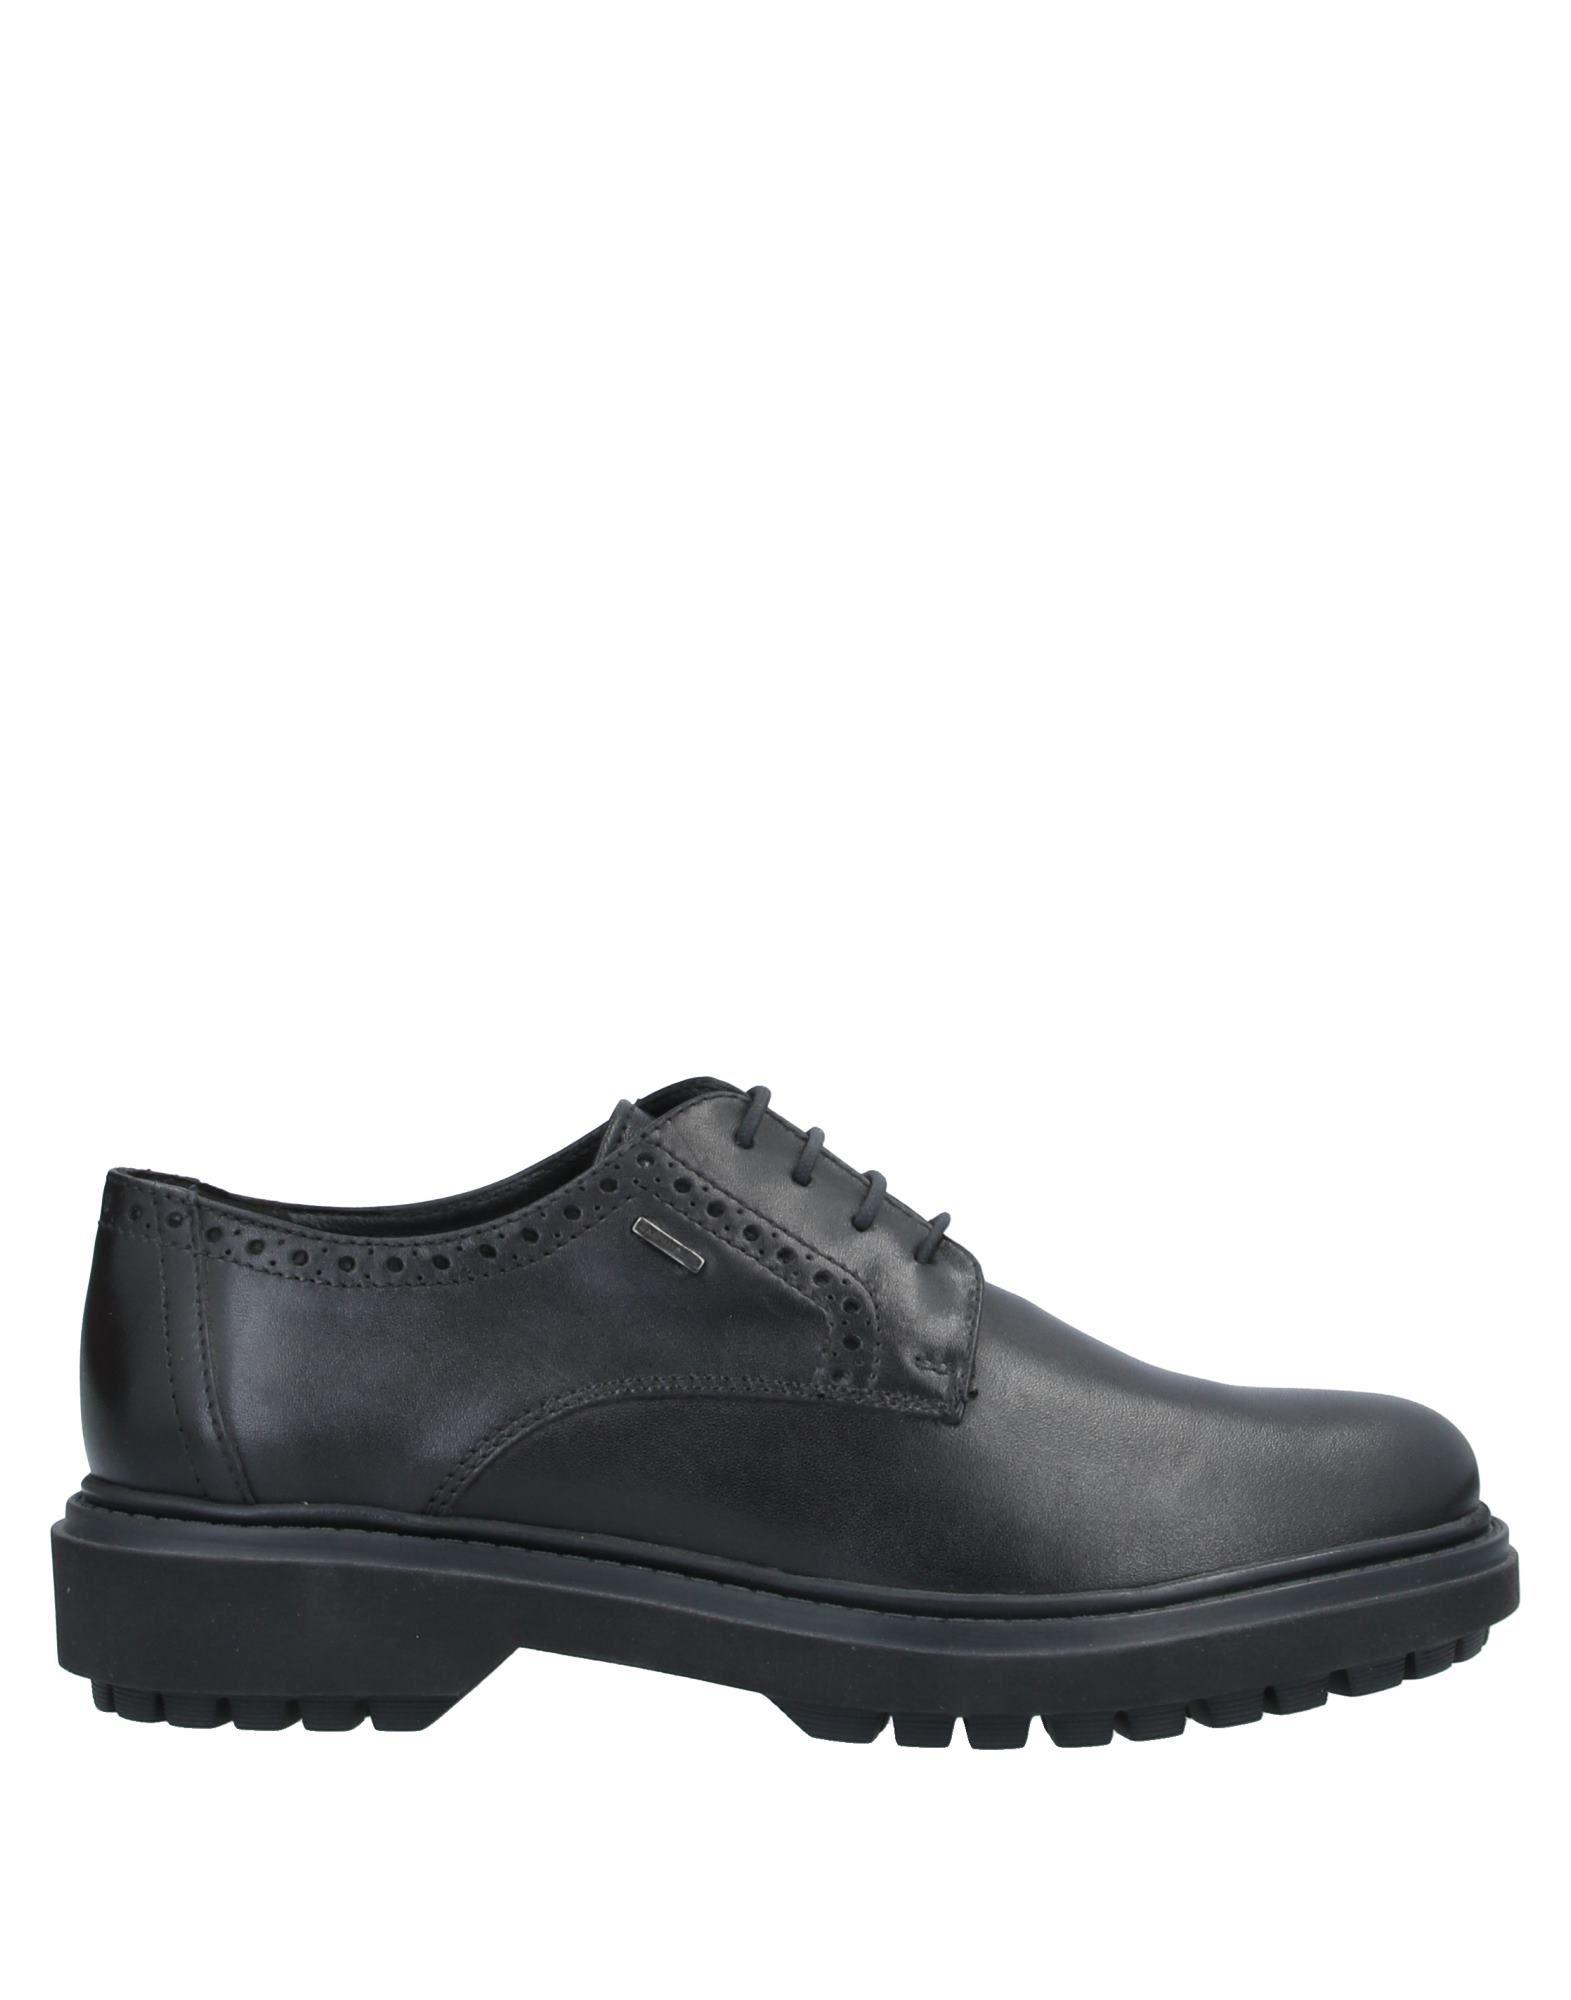 Chaussures À Lacets Geox Femme - Chaussures À Lacets Geox   - 11753043DL